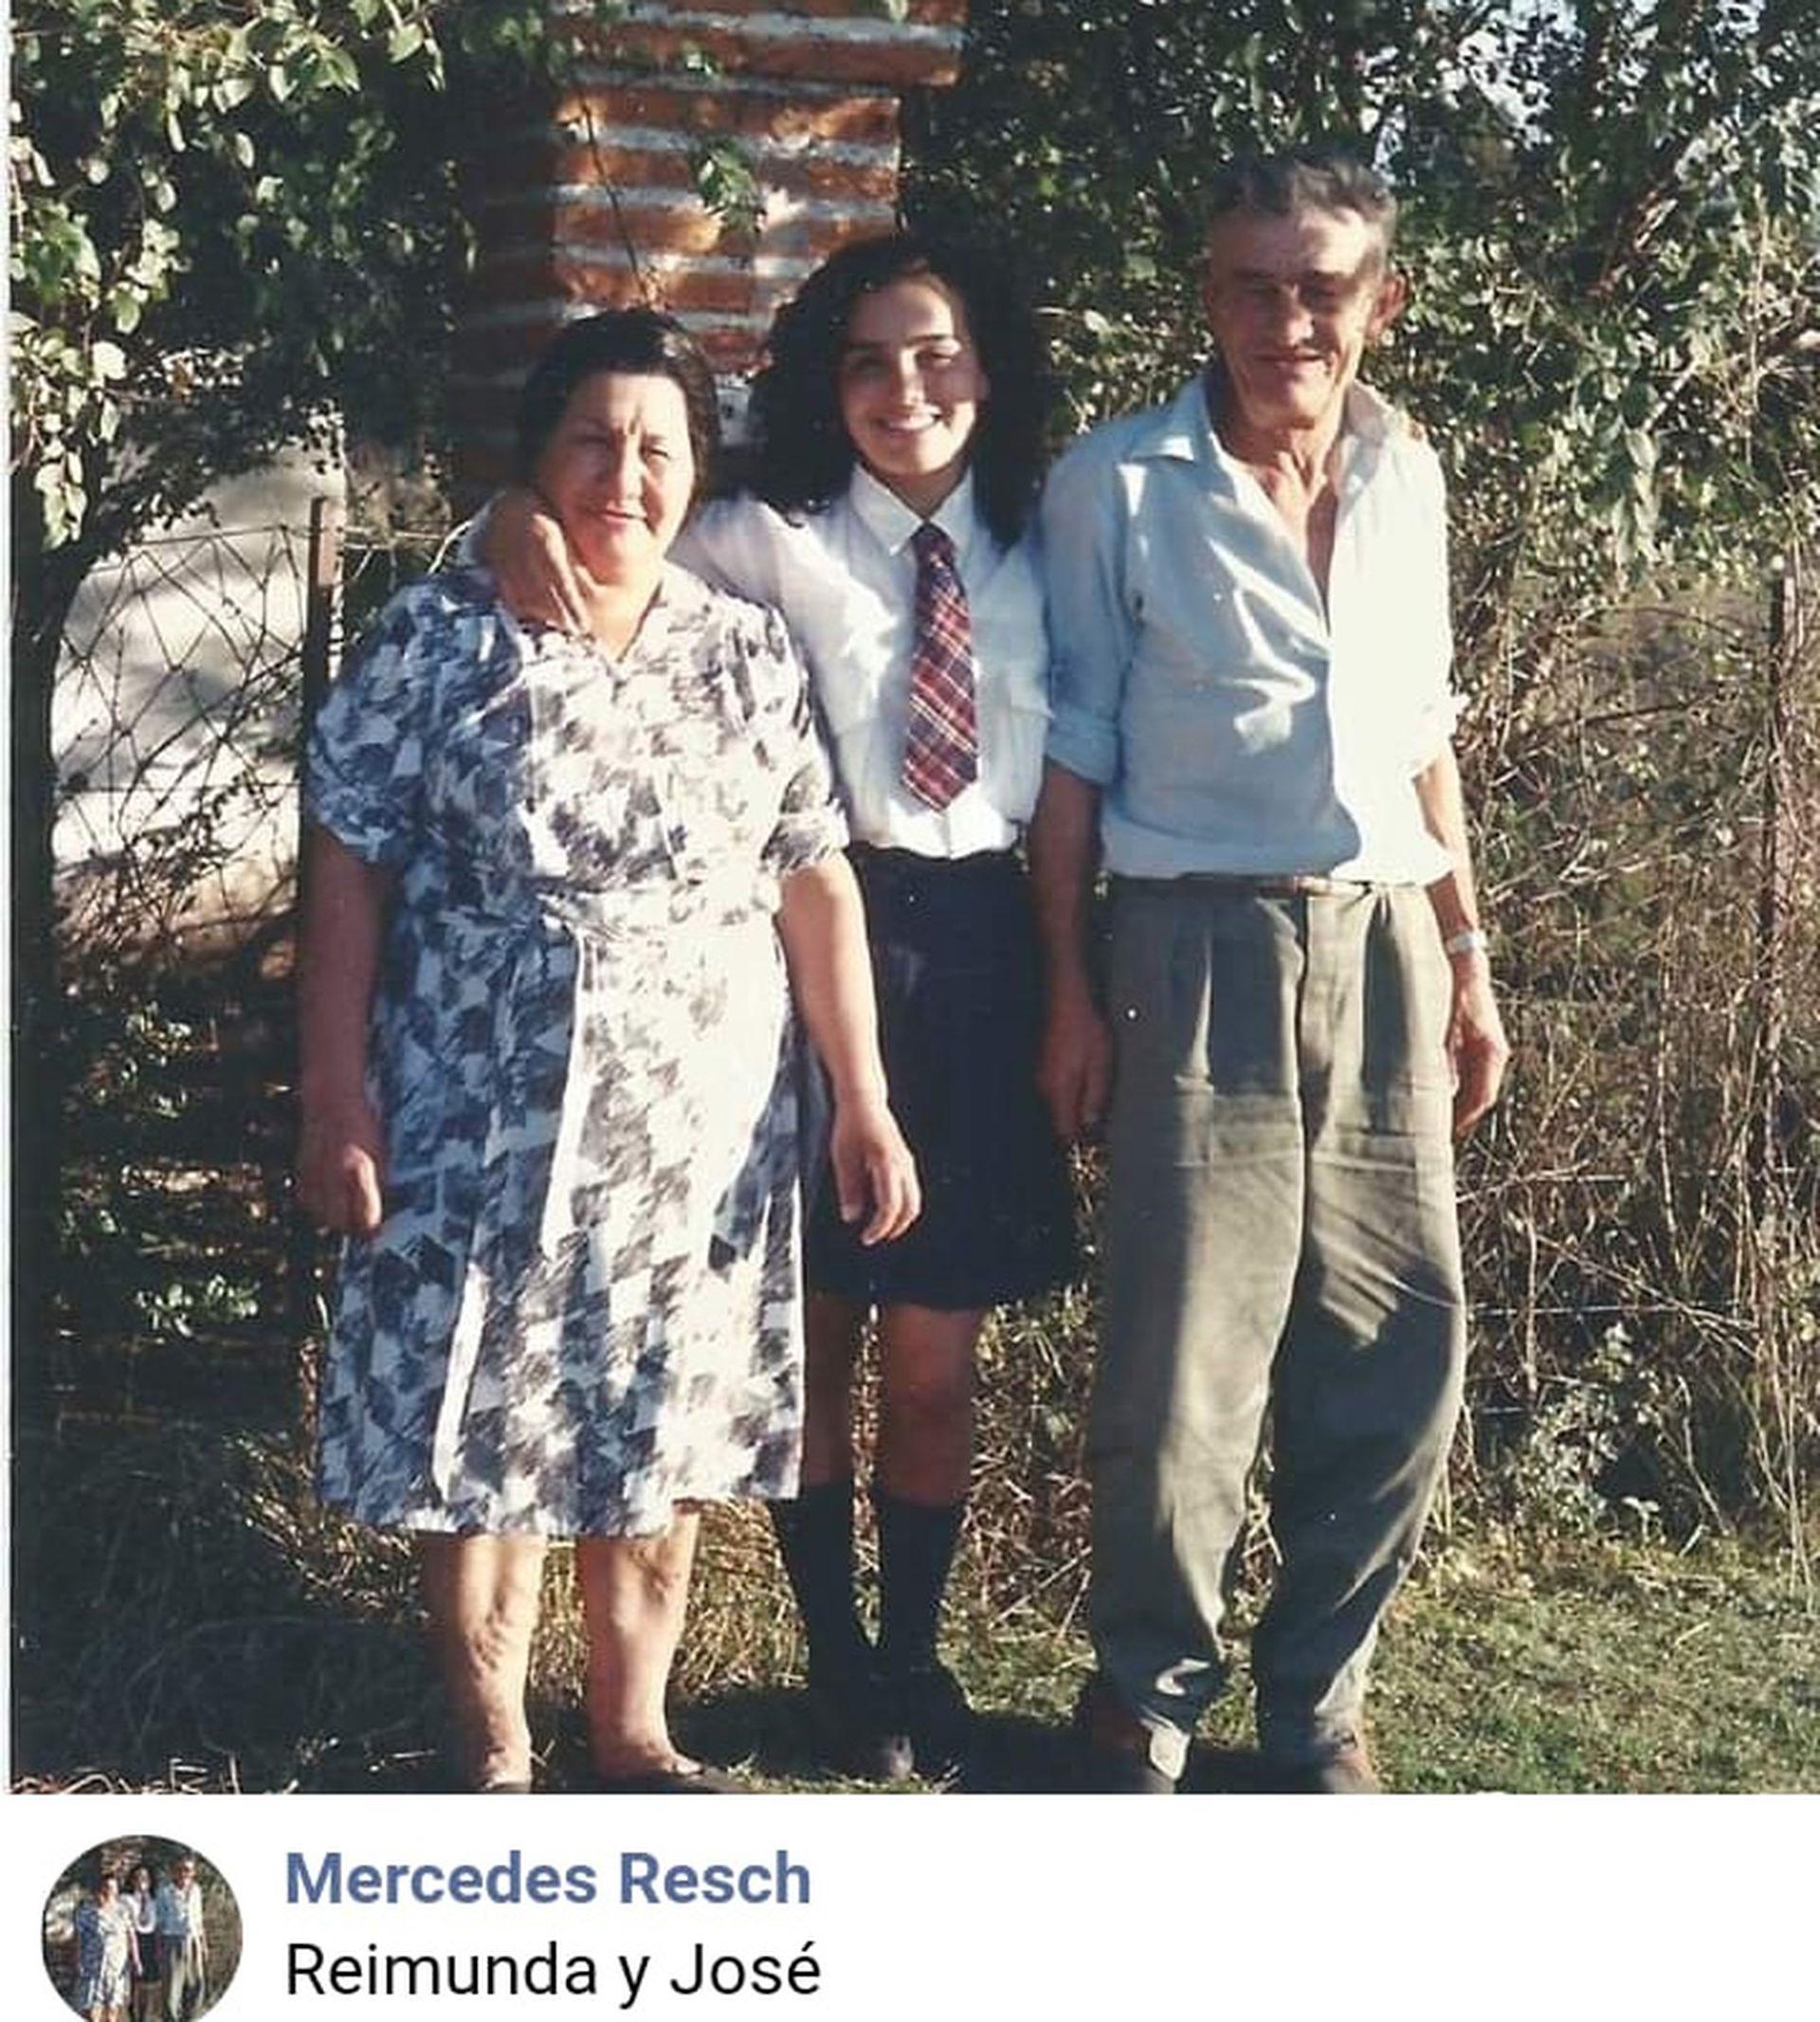 Mercedes Resch con sus padres, Reimunda y José. Es la novena de diez hermanos.